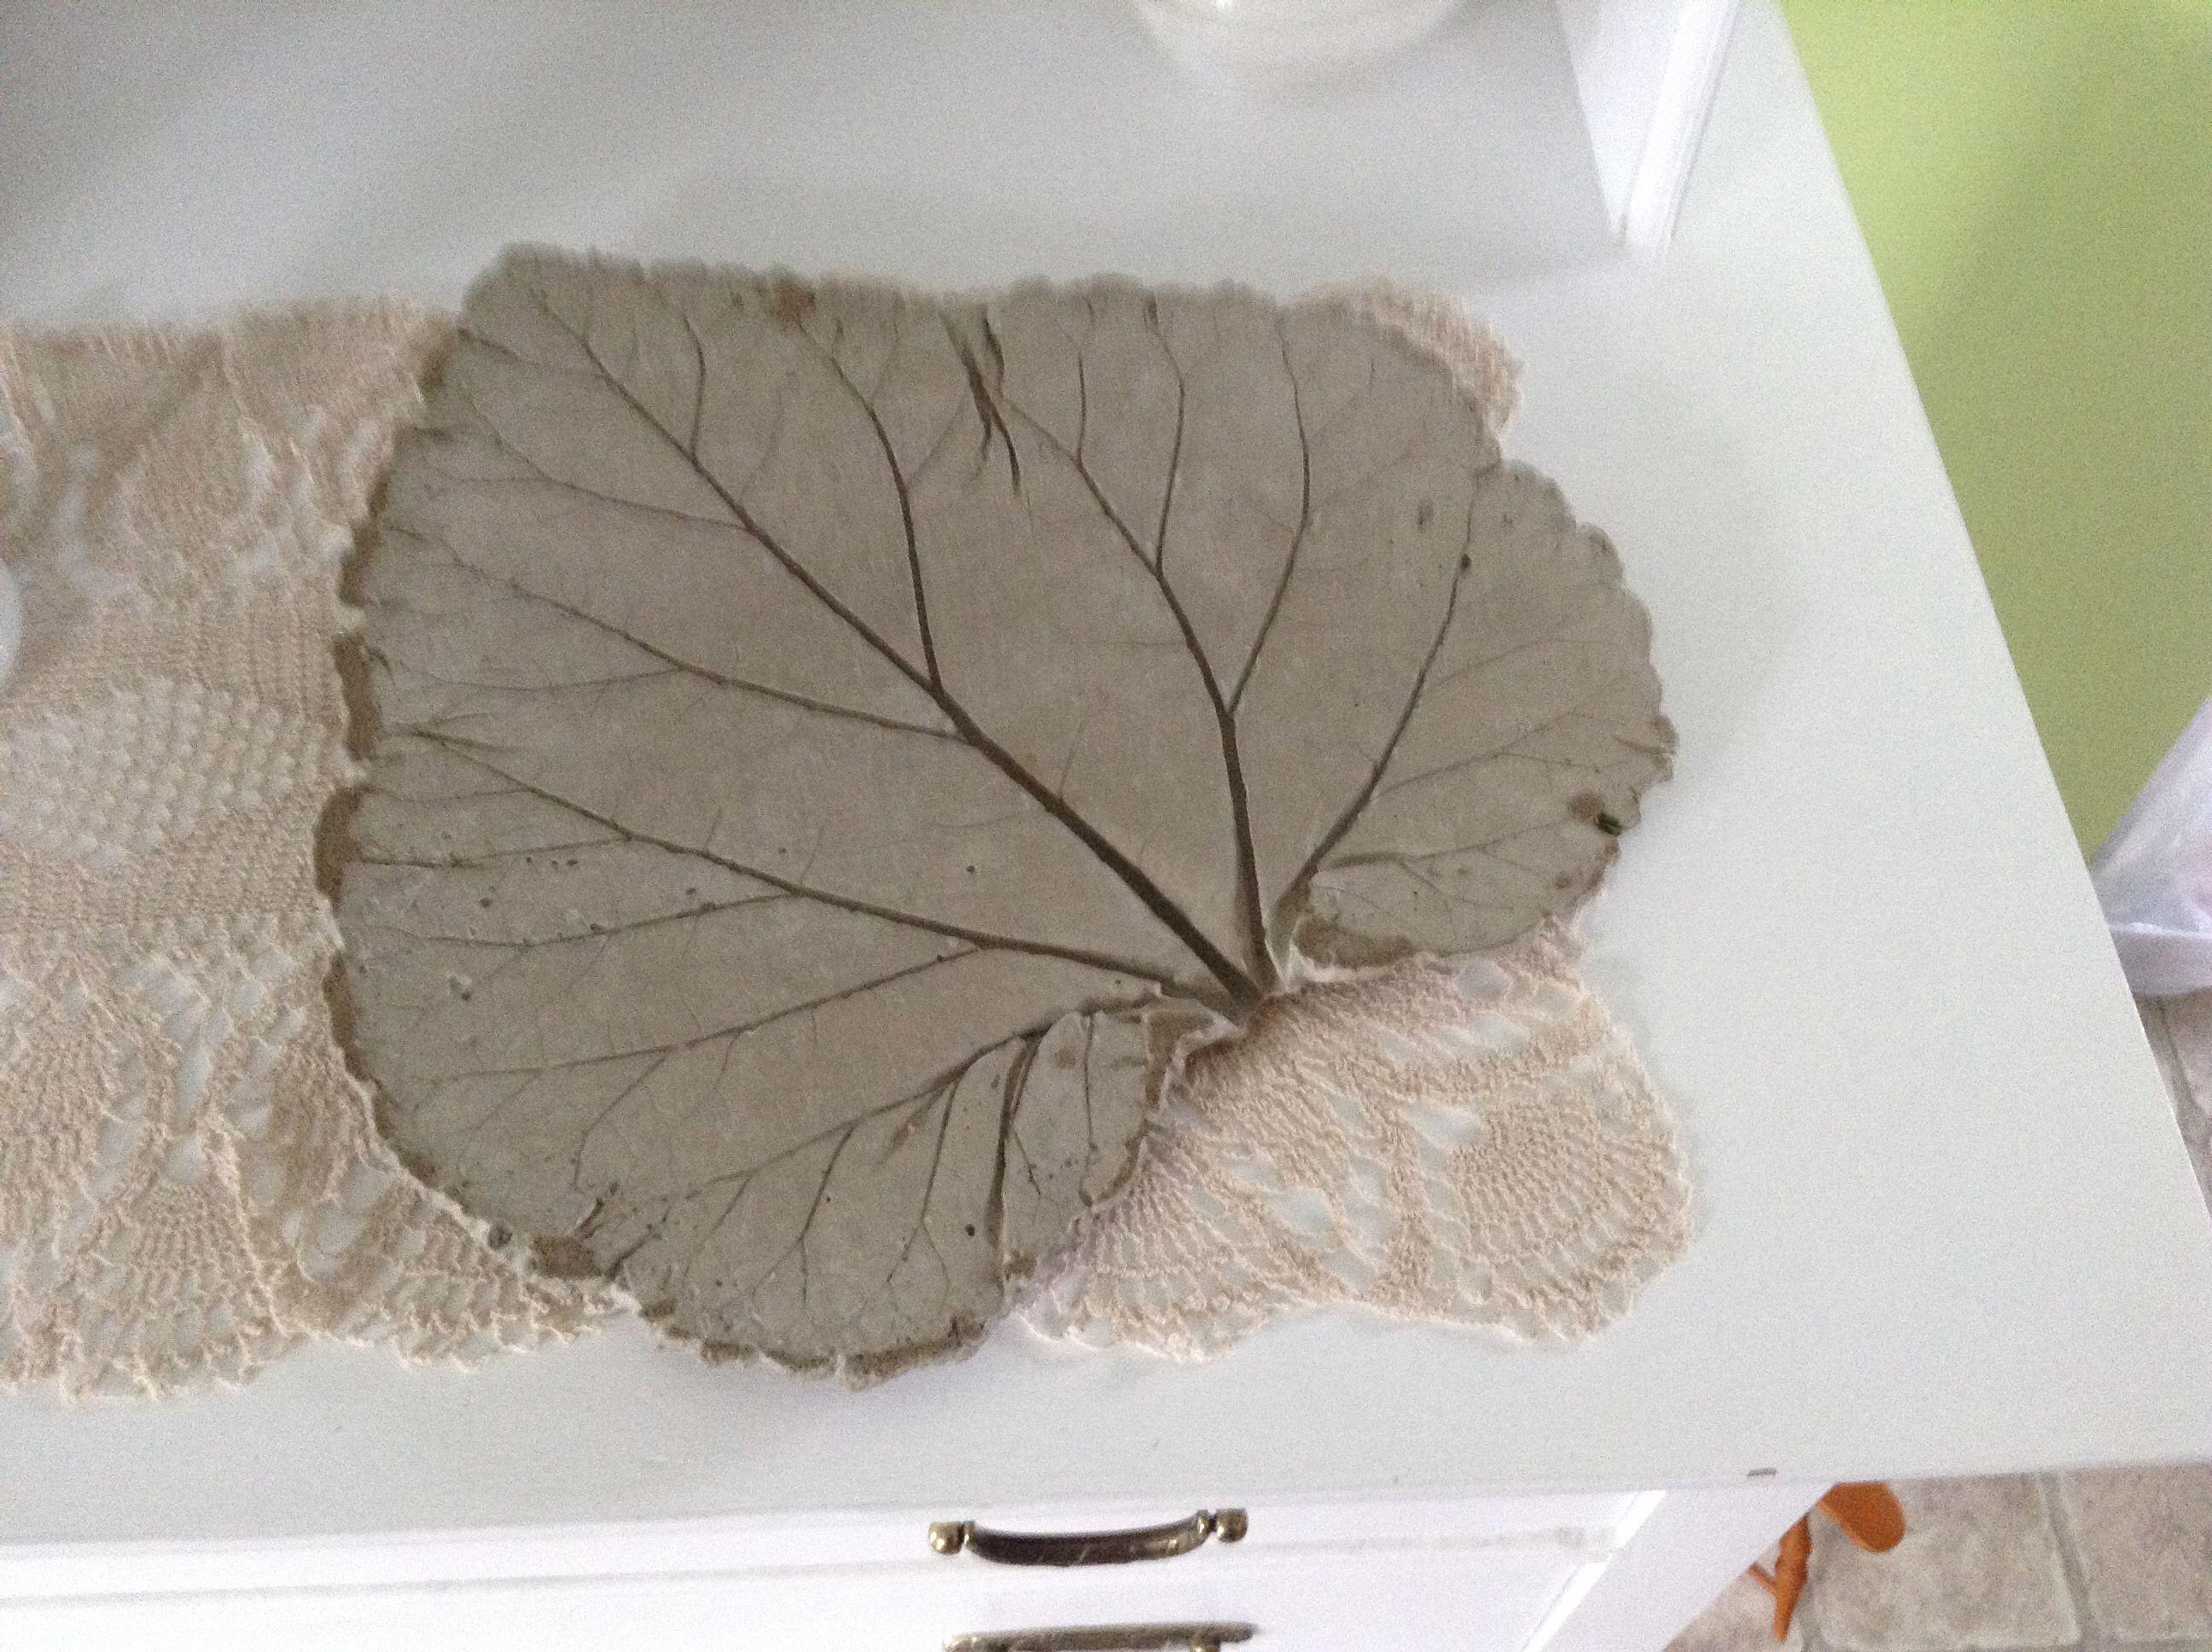 fait partir d 39 une feuille de rhubarbe ciment simplement moi pinterest feuille de. Black Bedroom Furniture Sets. Home Design Ideas